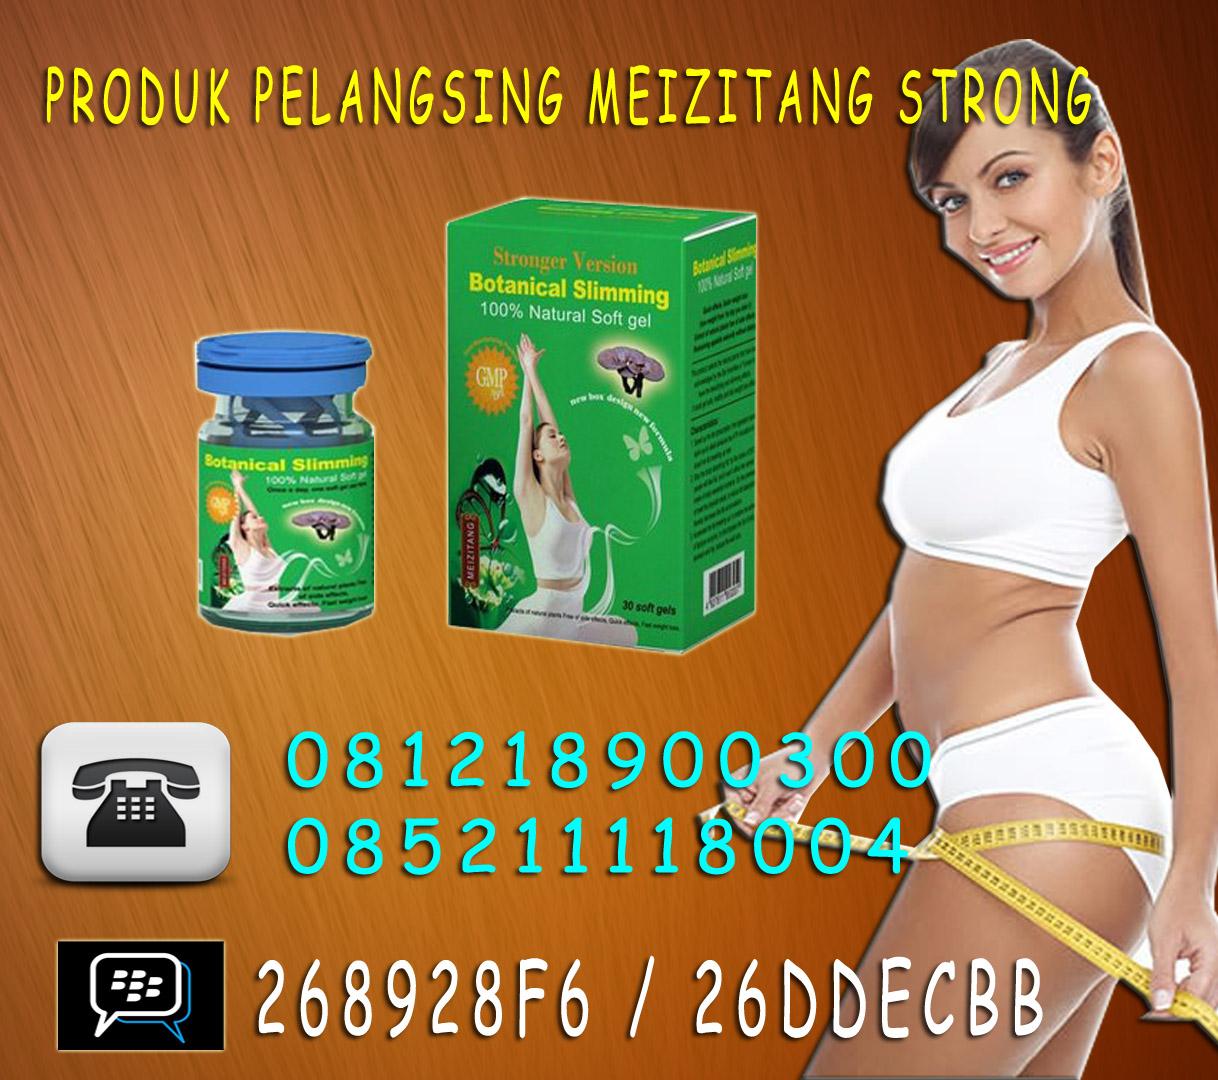 Produk Pelangsing Herbal   Obat Pelangsing   Obat Diet